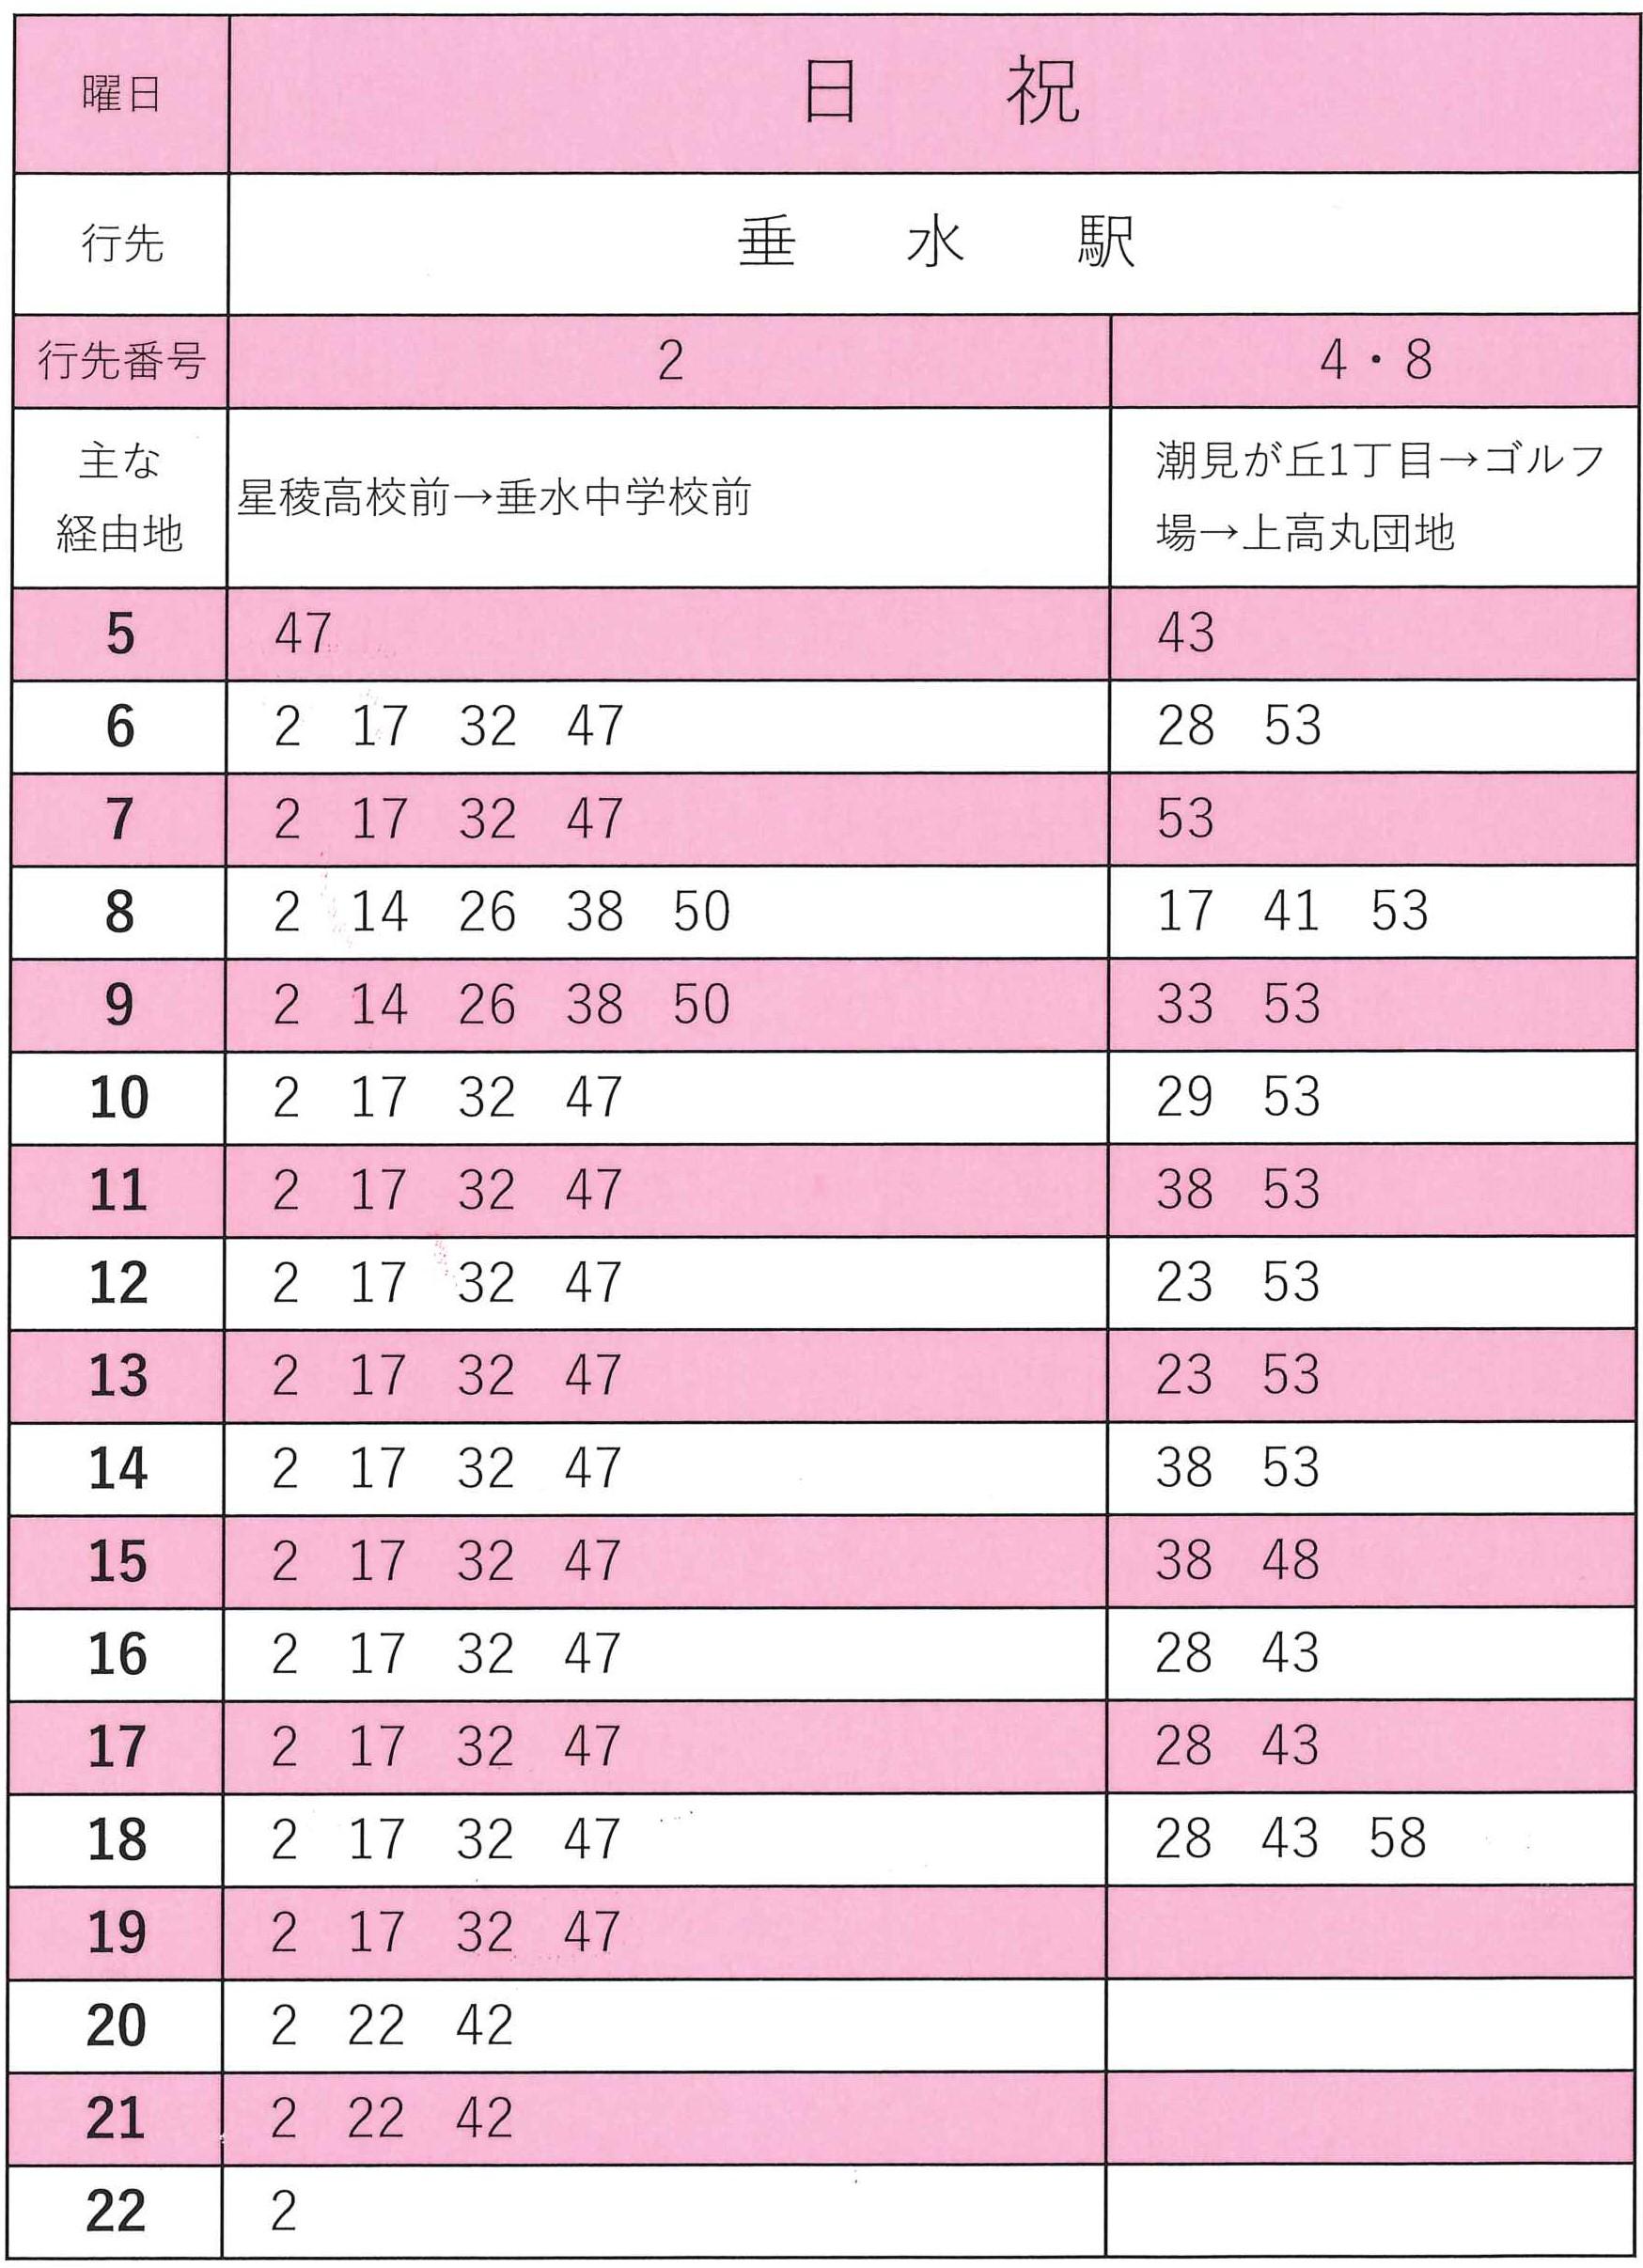 舞子墓園前(垂水駅方面)日祝の時刻表